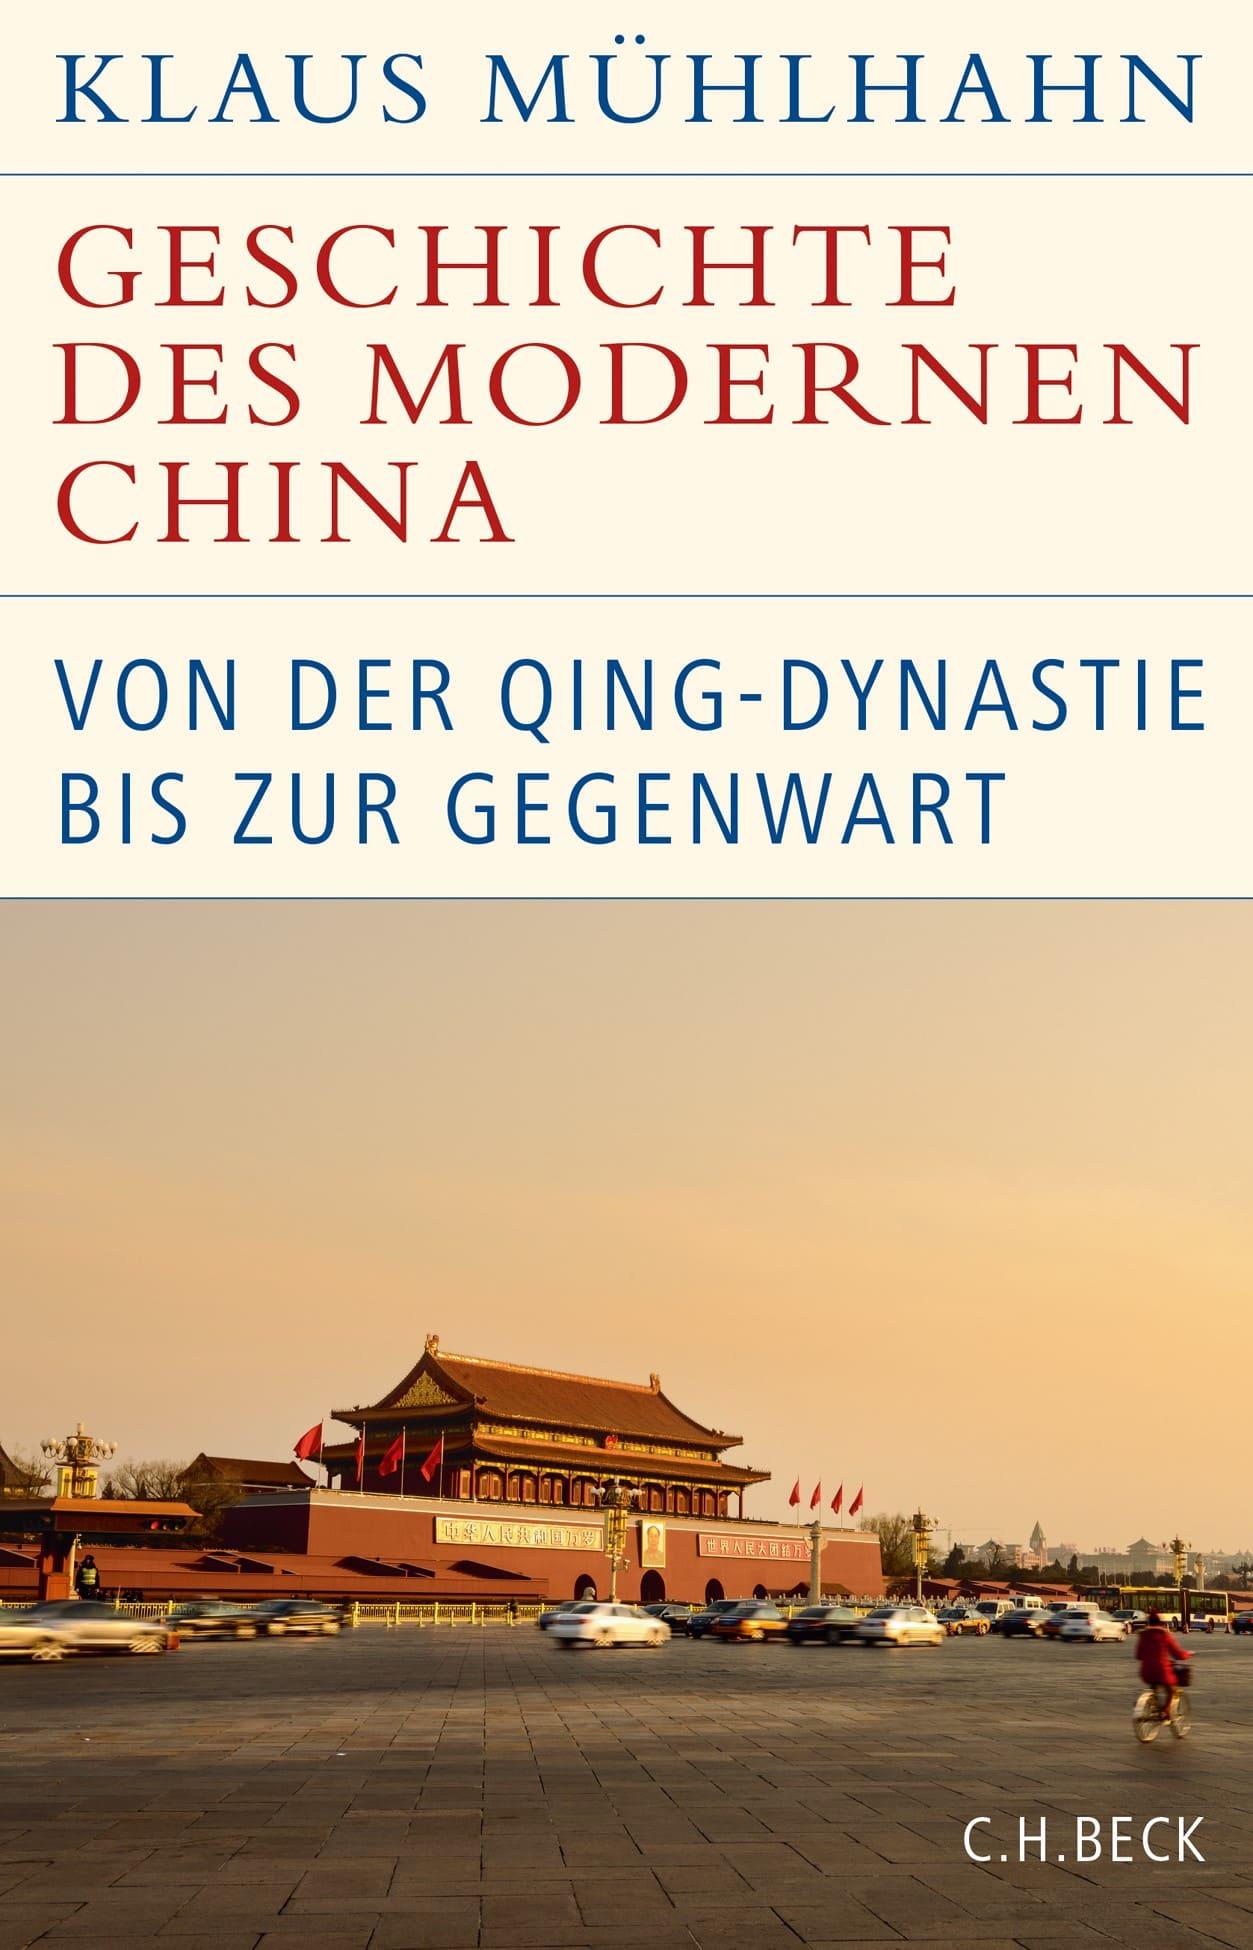 Geshcichte des modernen China - Von der Qing-Dynastie bis zur Gegenwart